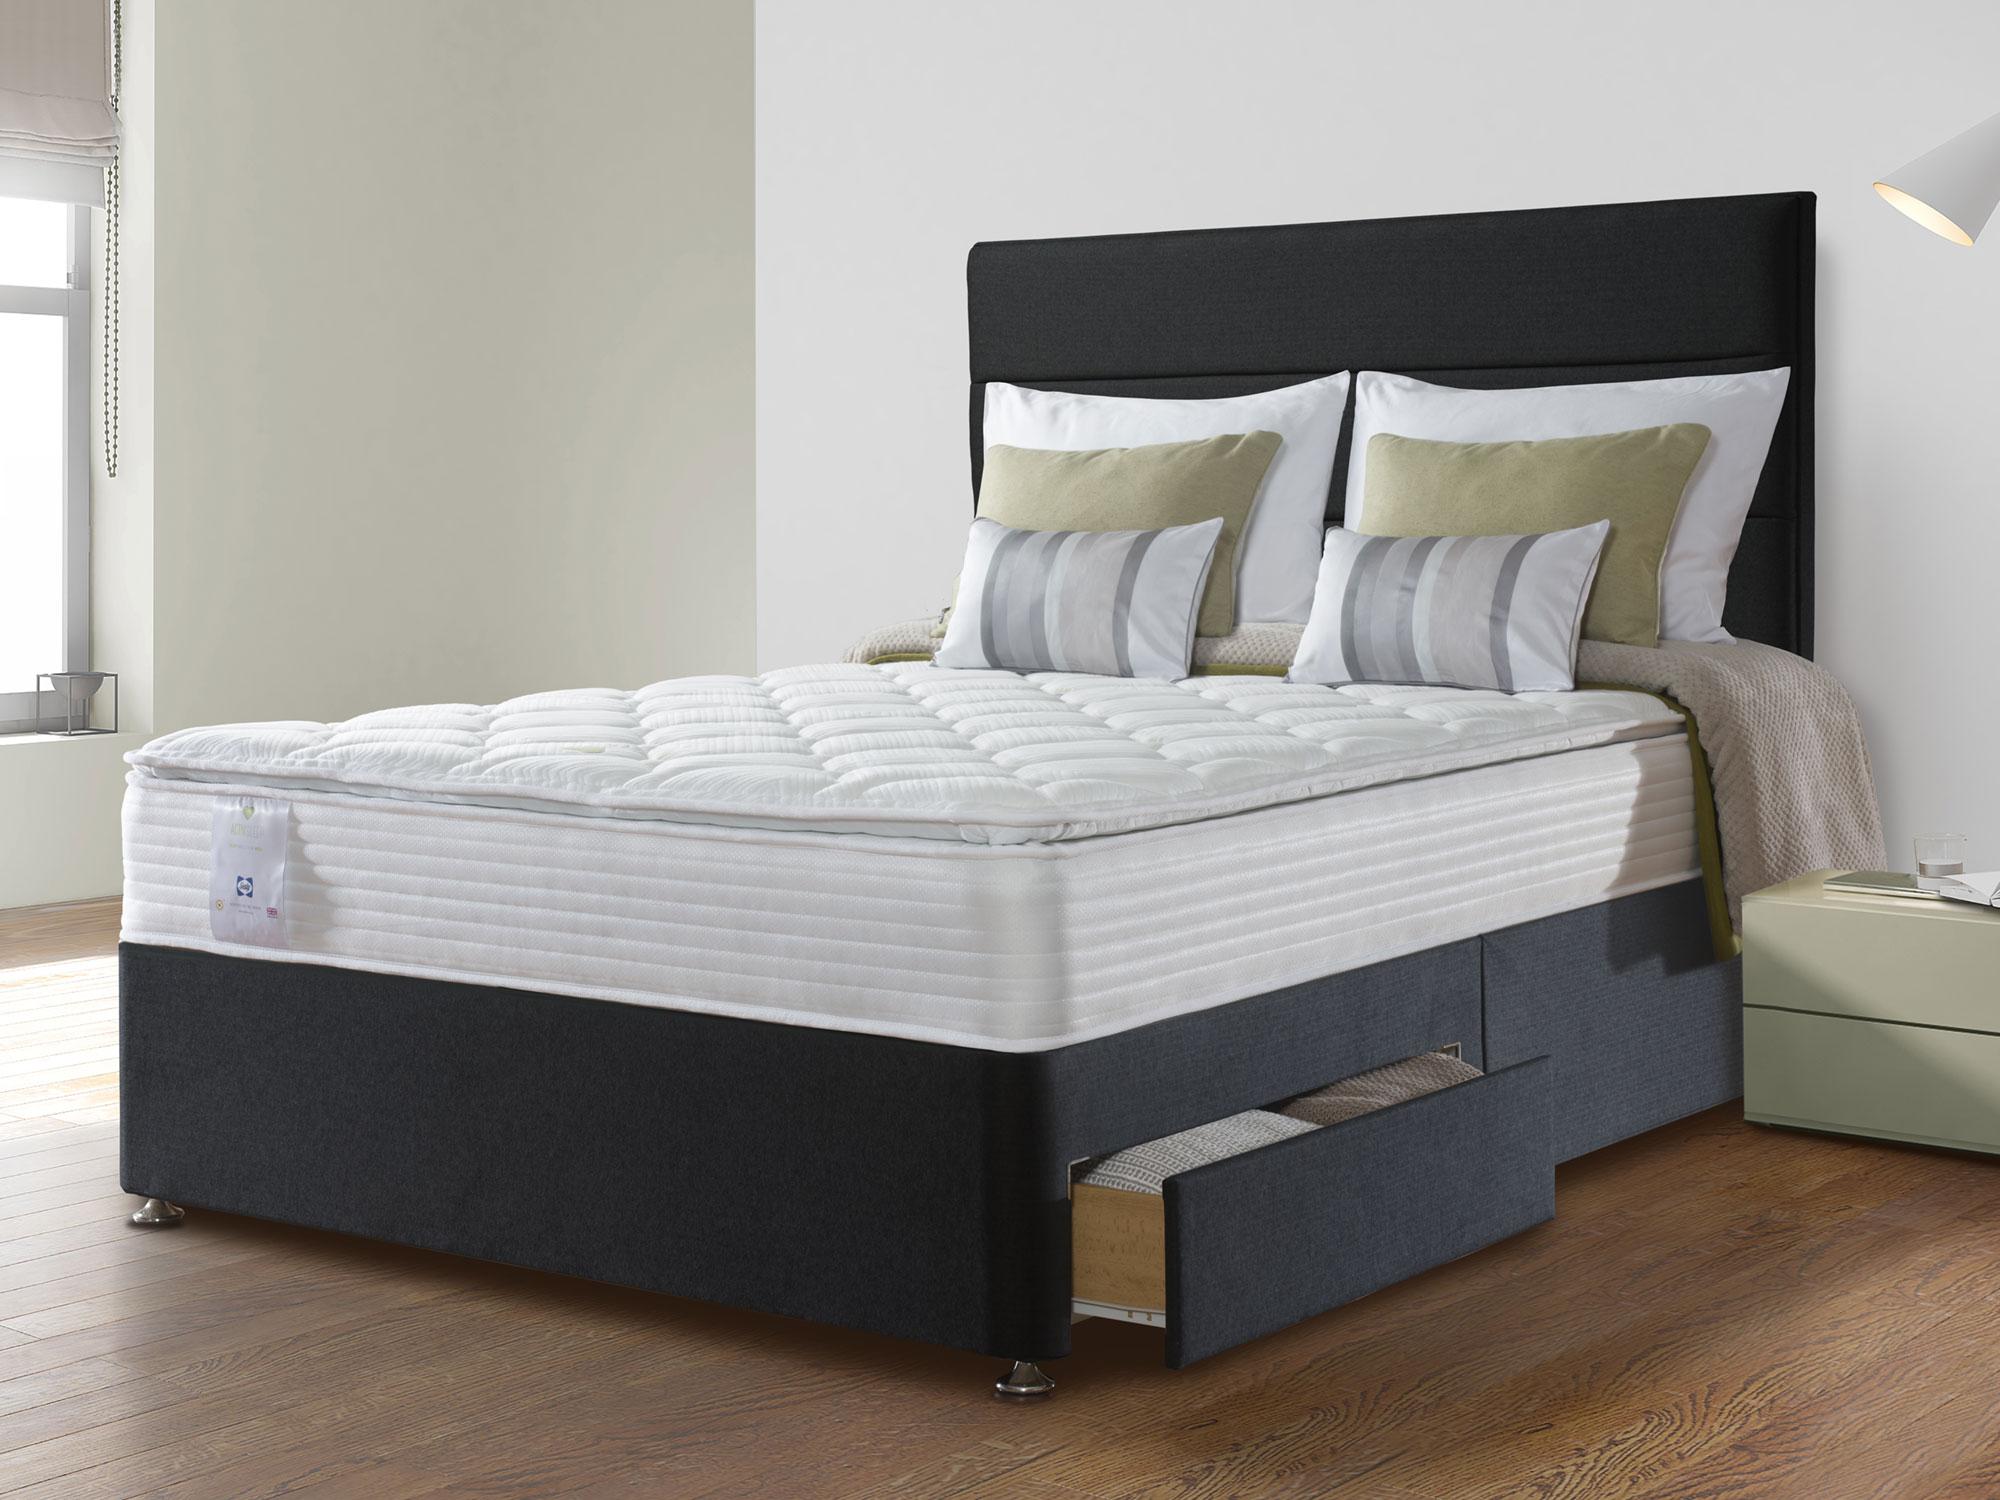 The Sleep Shop 4ft6 Double Sealy Activsleep Ortho Posture